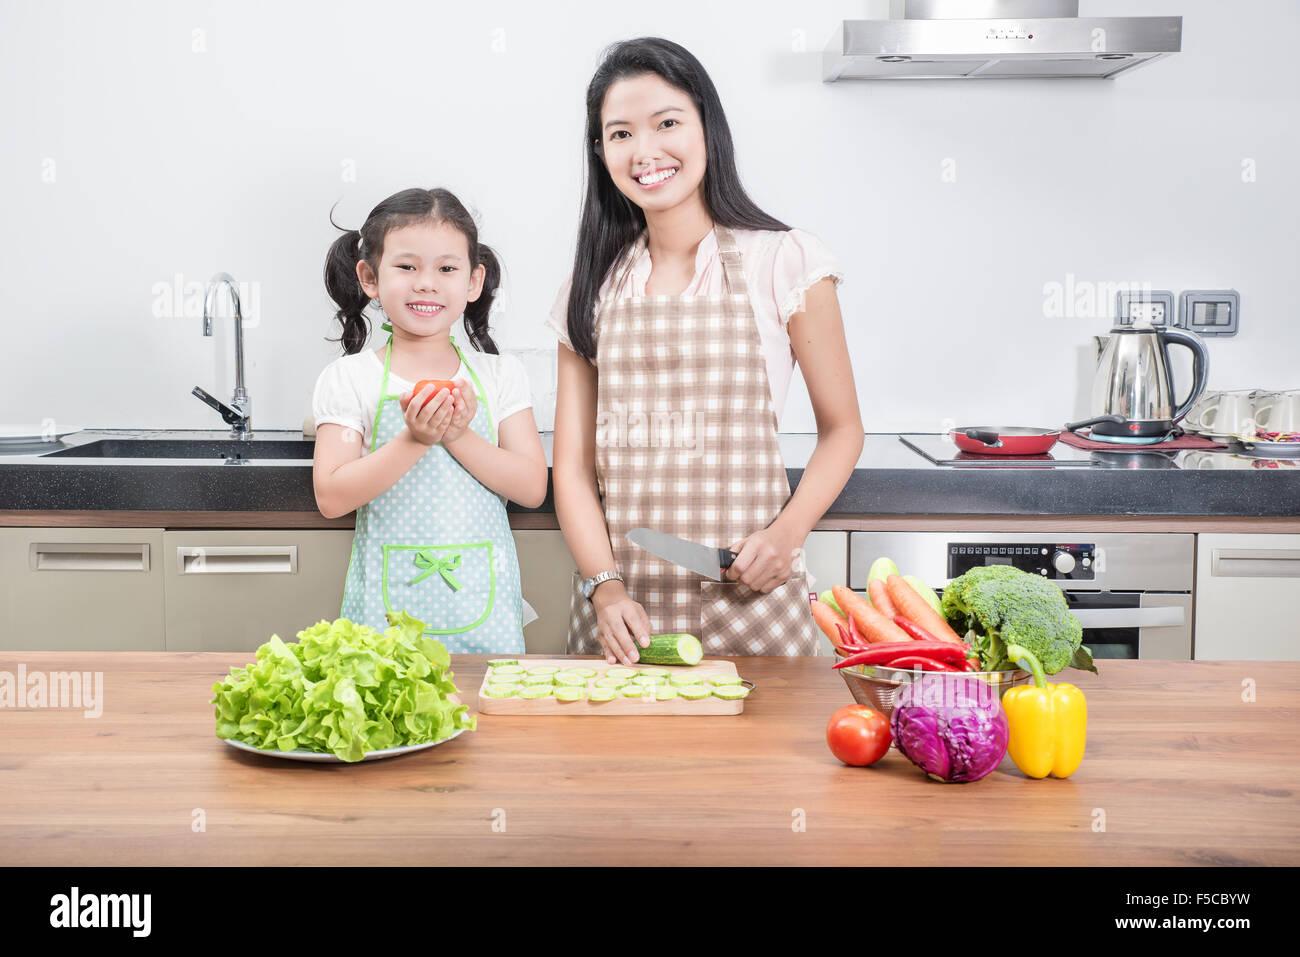 La famille, les enfants et les gens heureux concept - Mère et fille asiatique pour enfants dans la cuisine Photo Stock